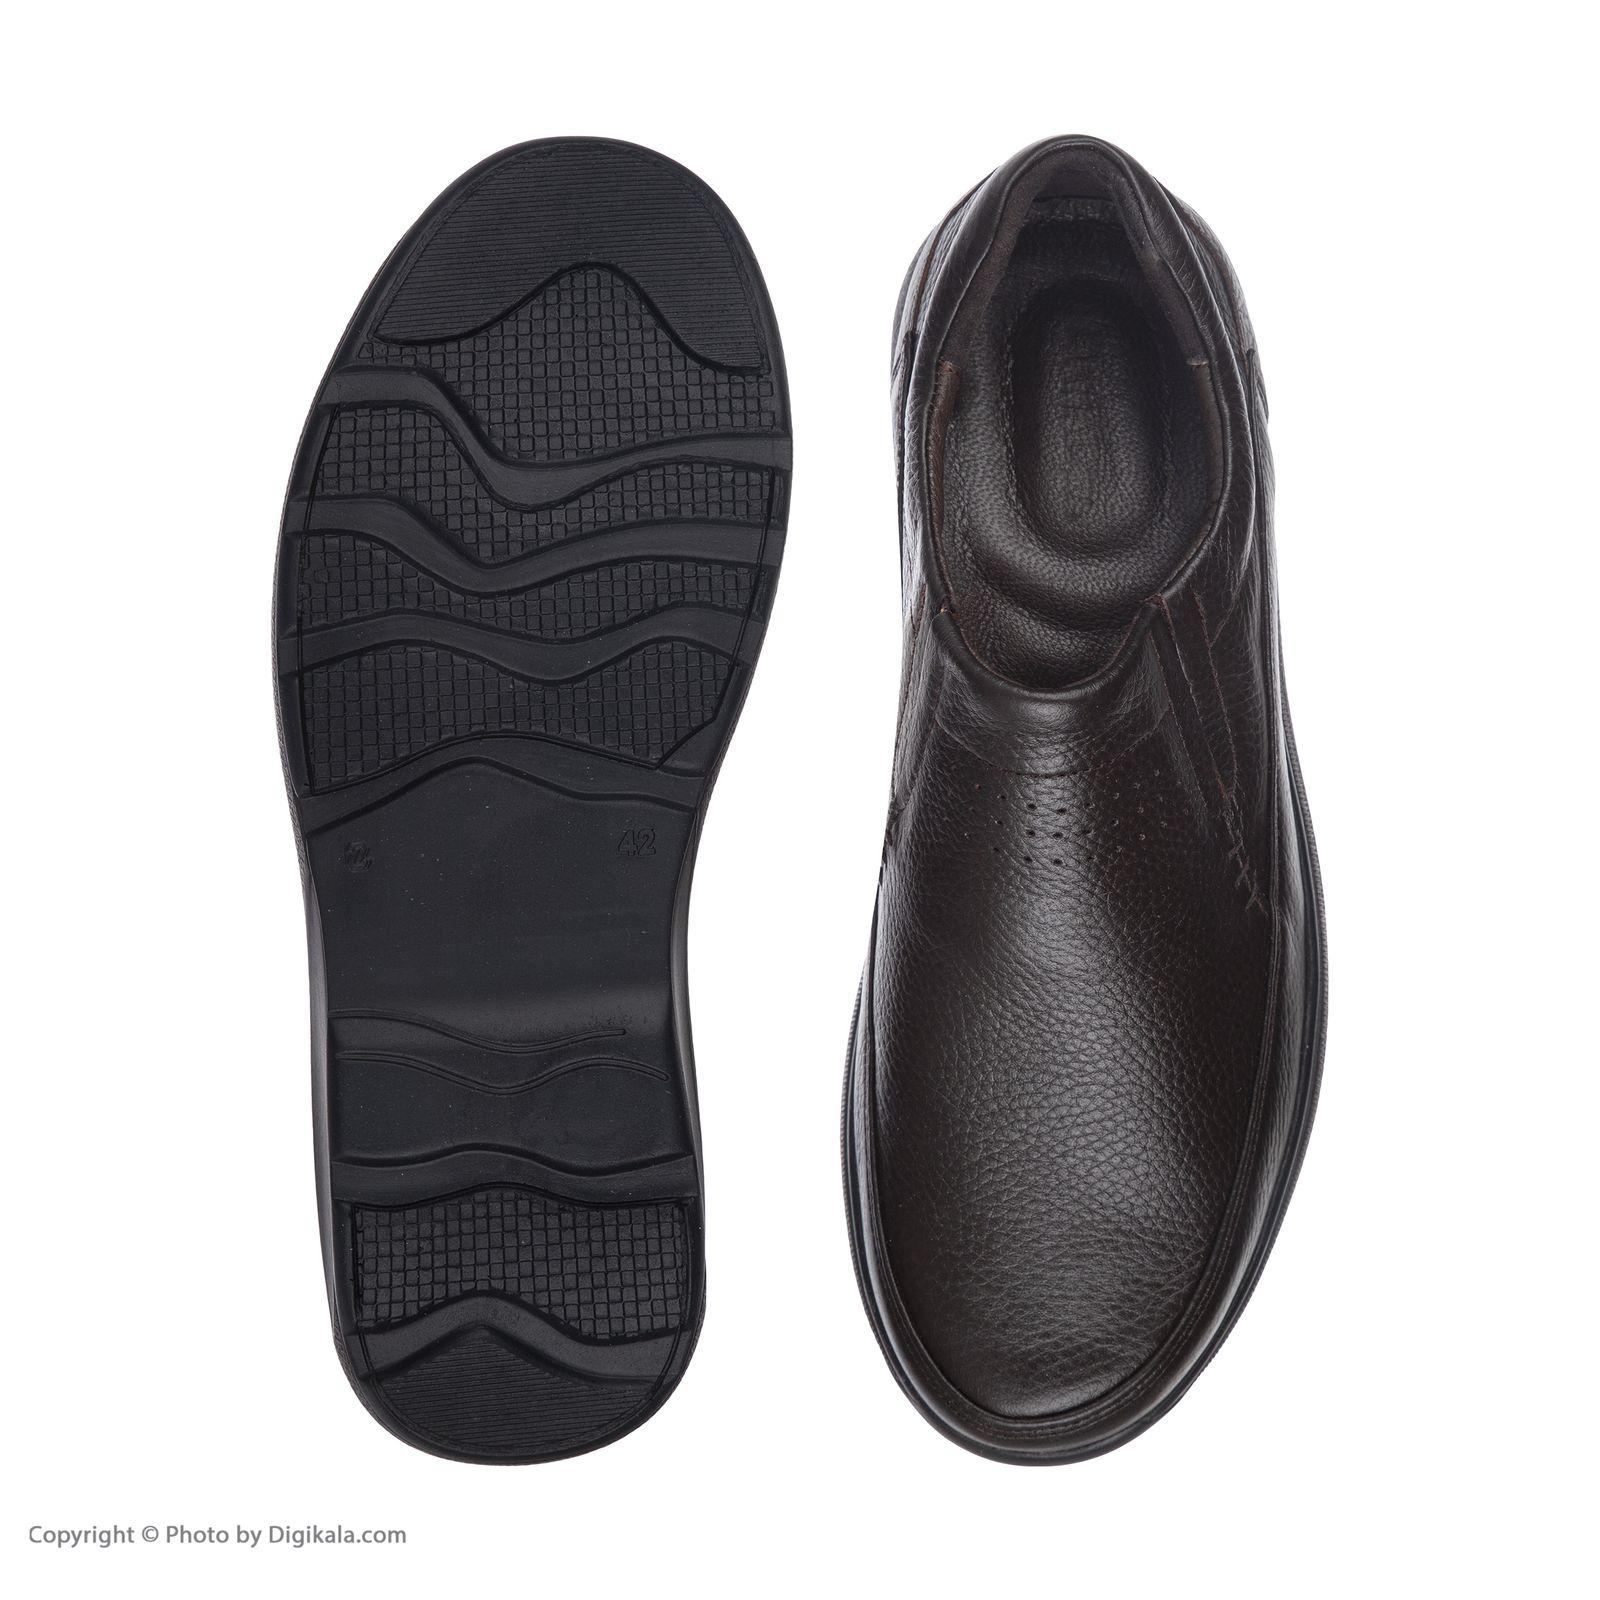 کفش روزمره مردانه دانادل مدل 8605A503104 -  - 2